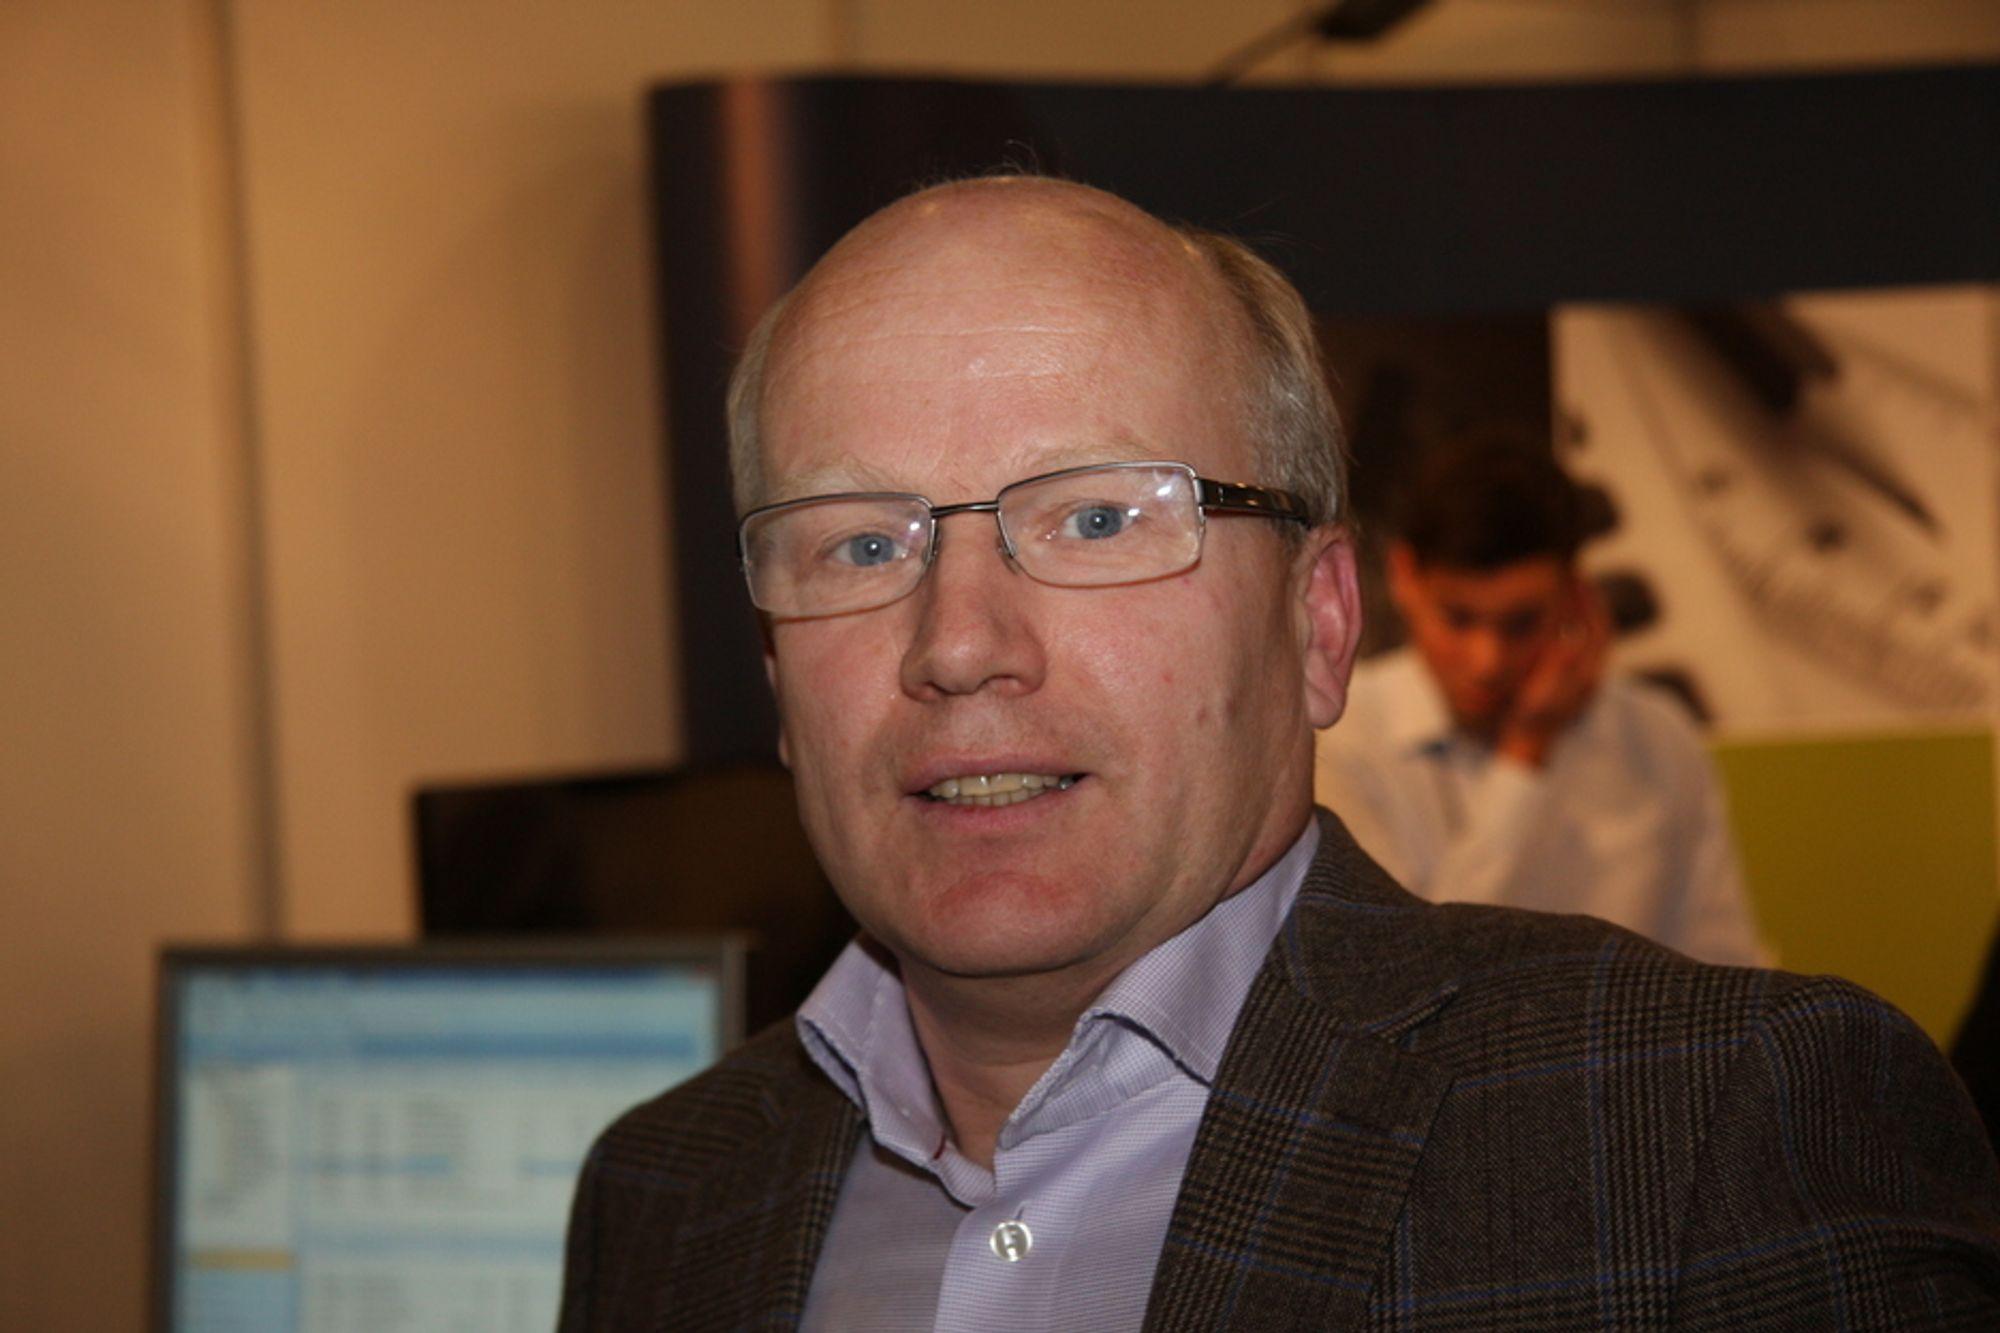 STORE INVESTERINGER: - Forsvarsbygg skal satse milliarder med hovedvekt på Nord-Norge de neste årene, sier prosjektdirektør Hårek Elvenes.